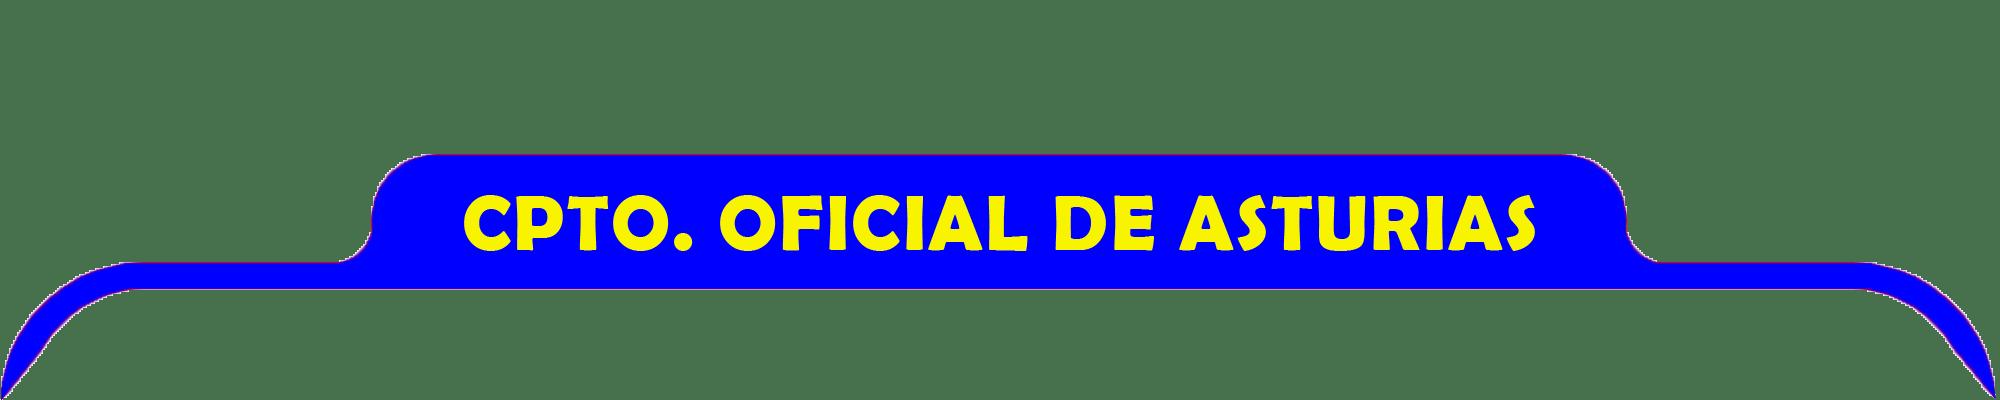 Campeonato Oficial de Asturias